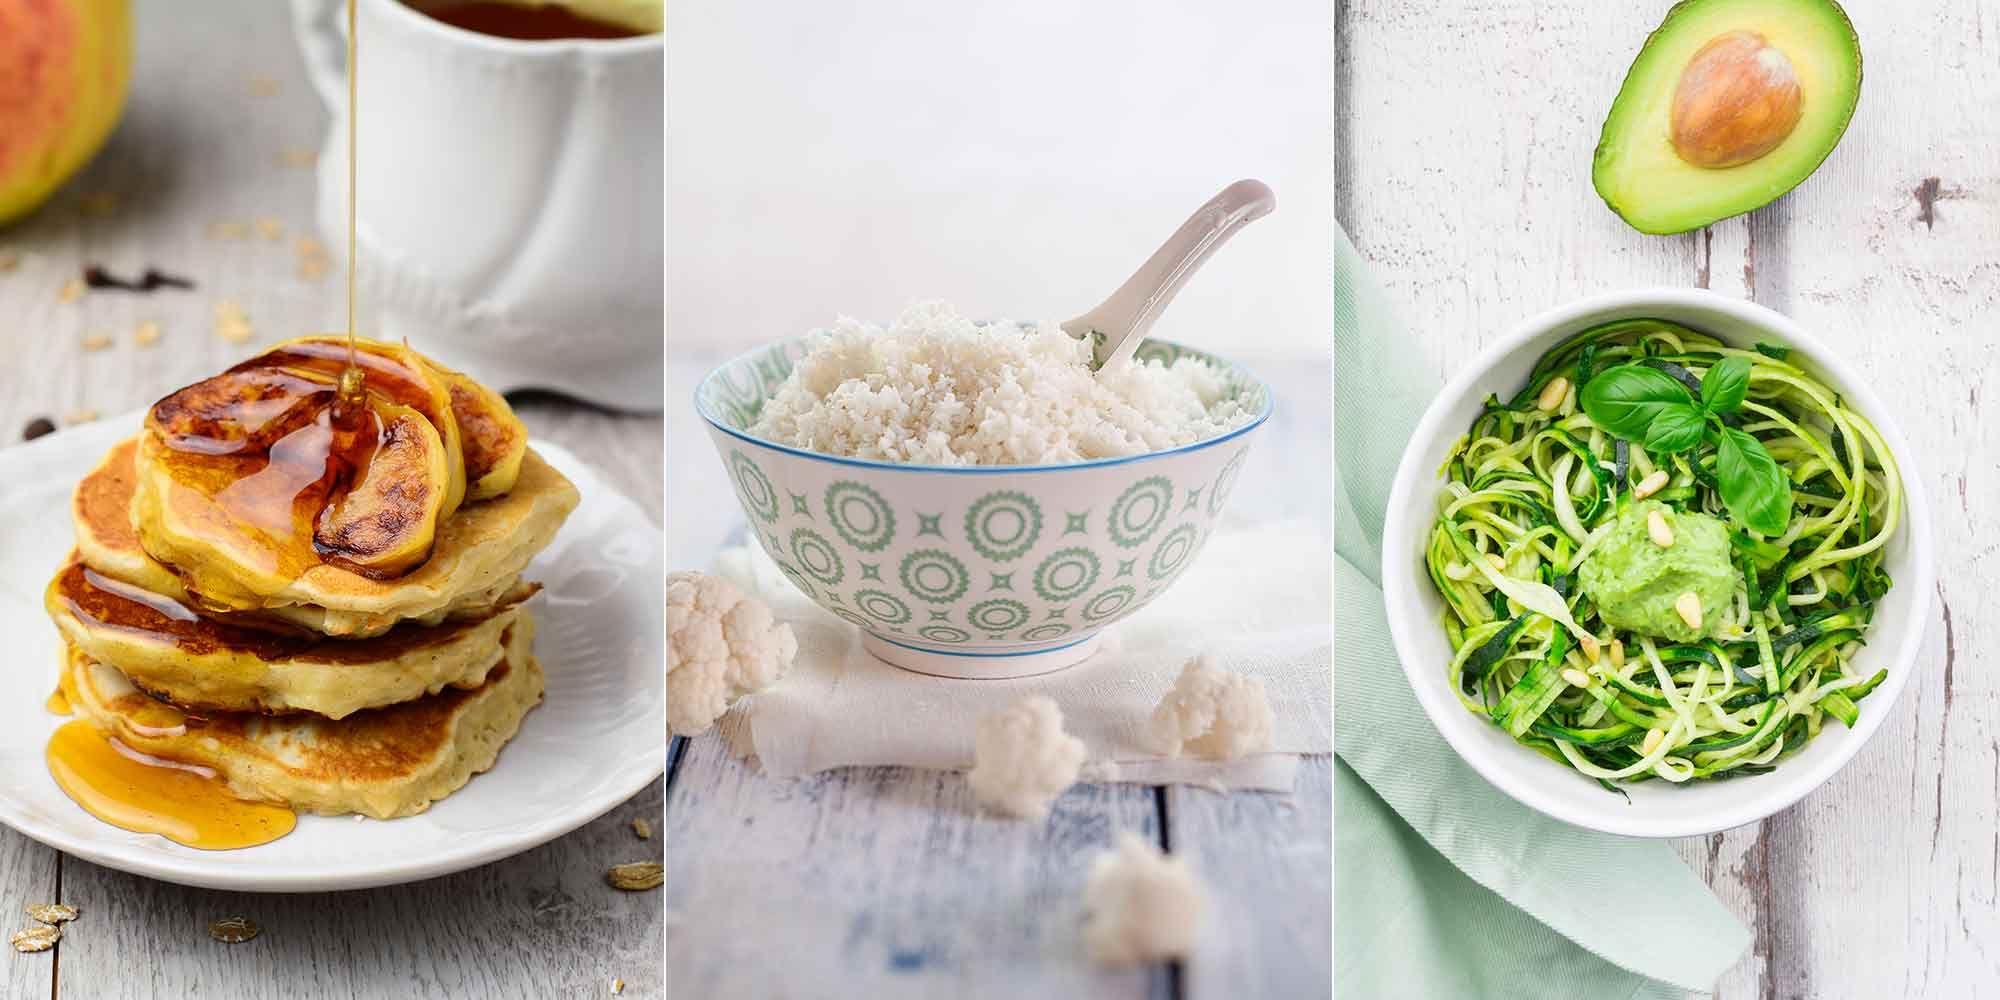 los tallarines de arroz engordan